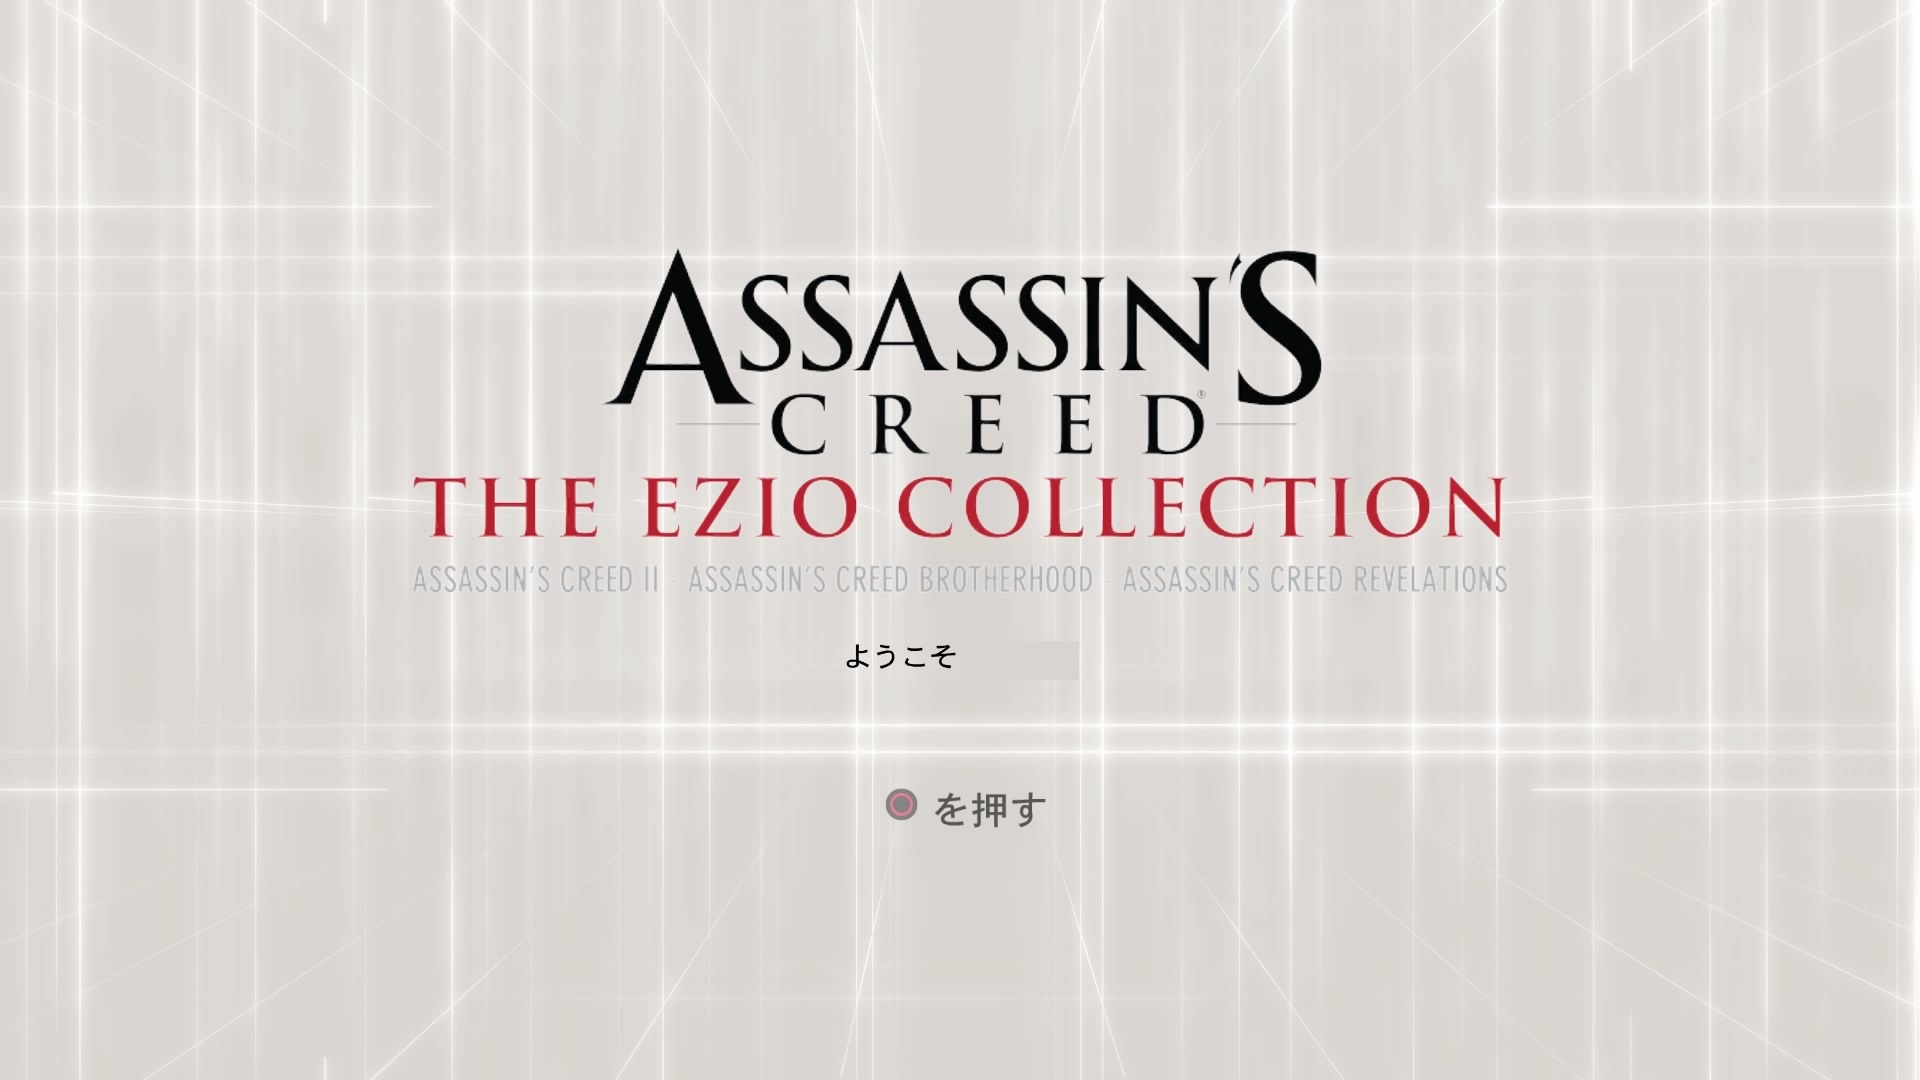 アサシンクリード エツィオコレクション(PS4)感想・レビュー